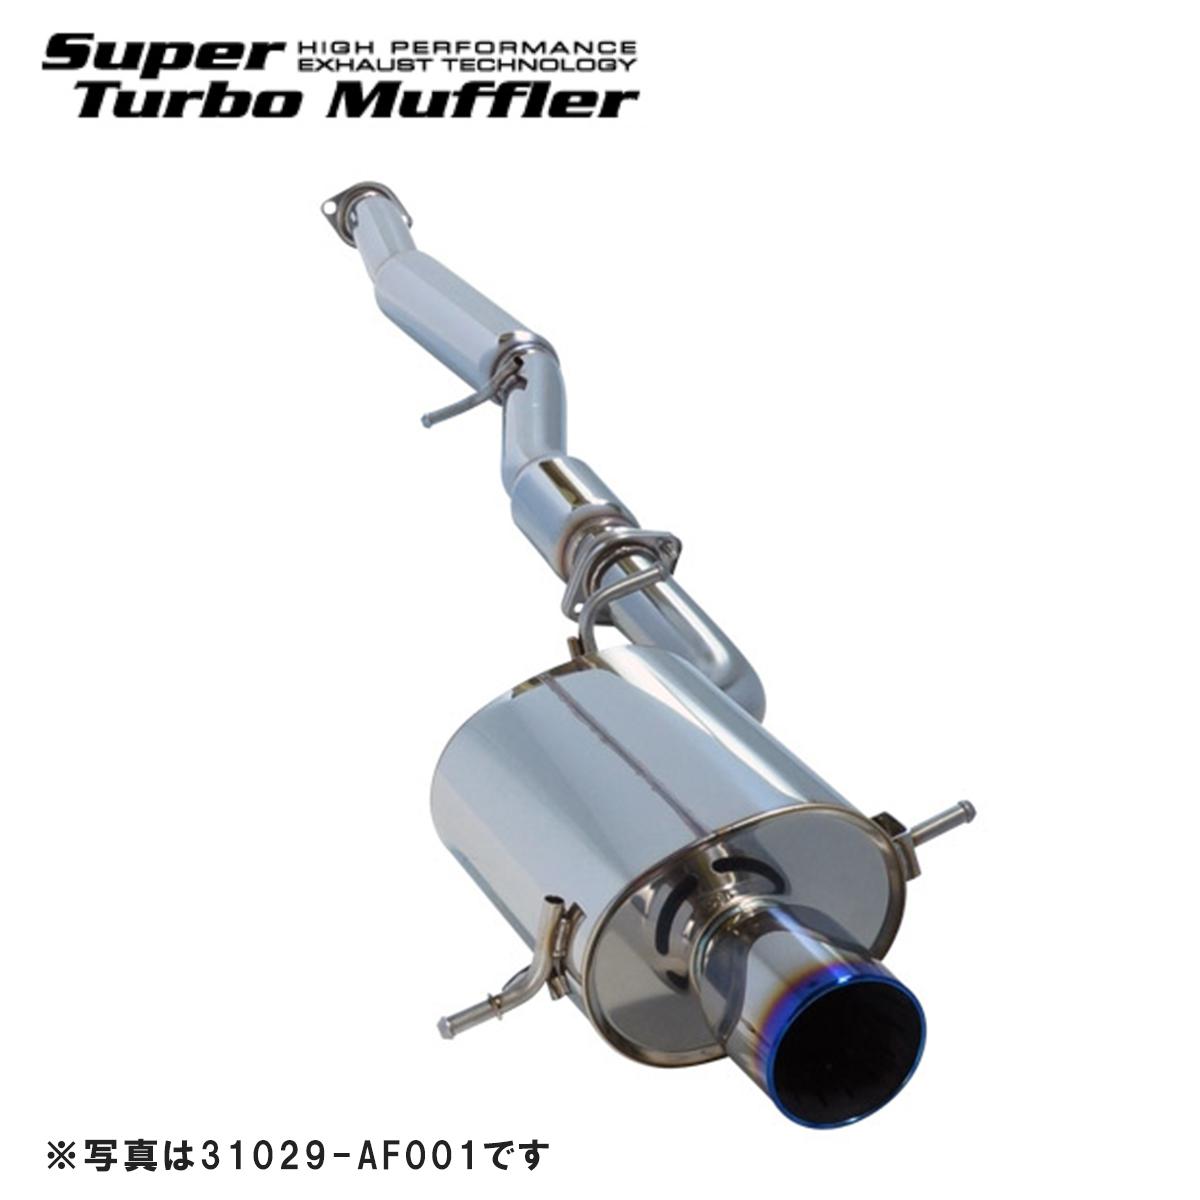 世界の クレスタ E-JZX100 マフラー SSR 31029-AT001 HKS 31029-AT001 Super クレスタ マフラー Turbo Muffler スーパーターボマフラー 配送先条件有り, eL cafe:ad841e4e --- pavlekovic.hr